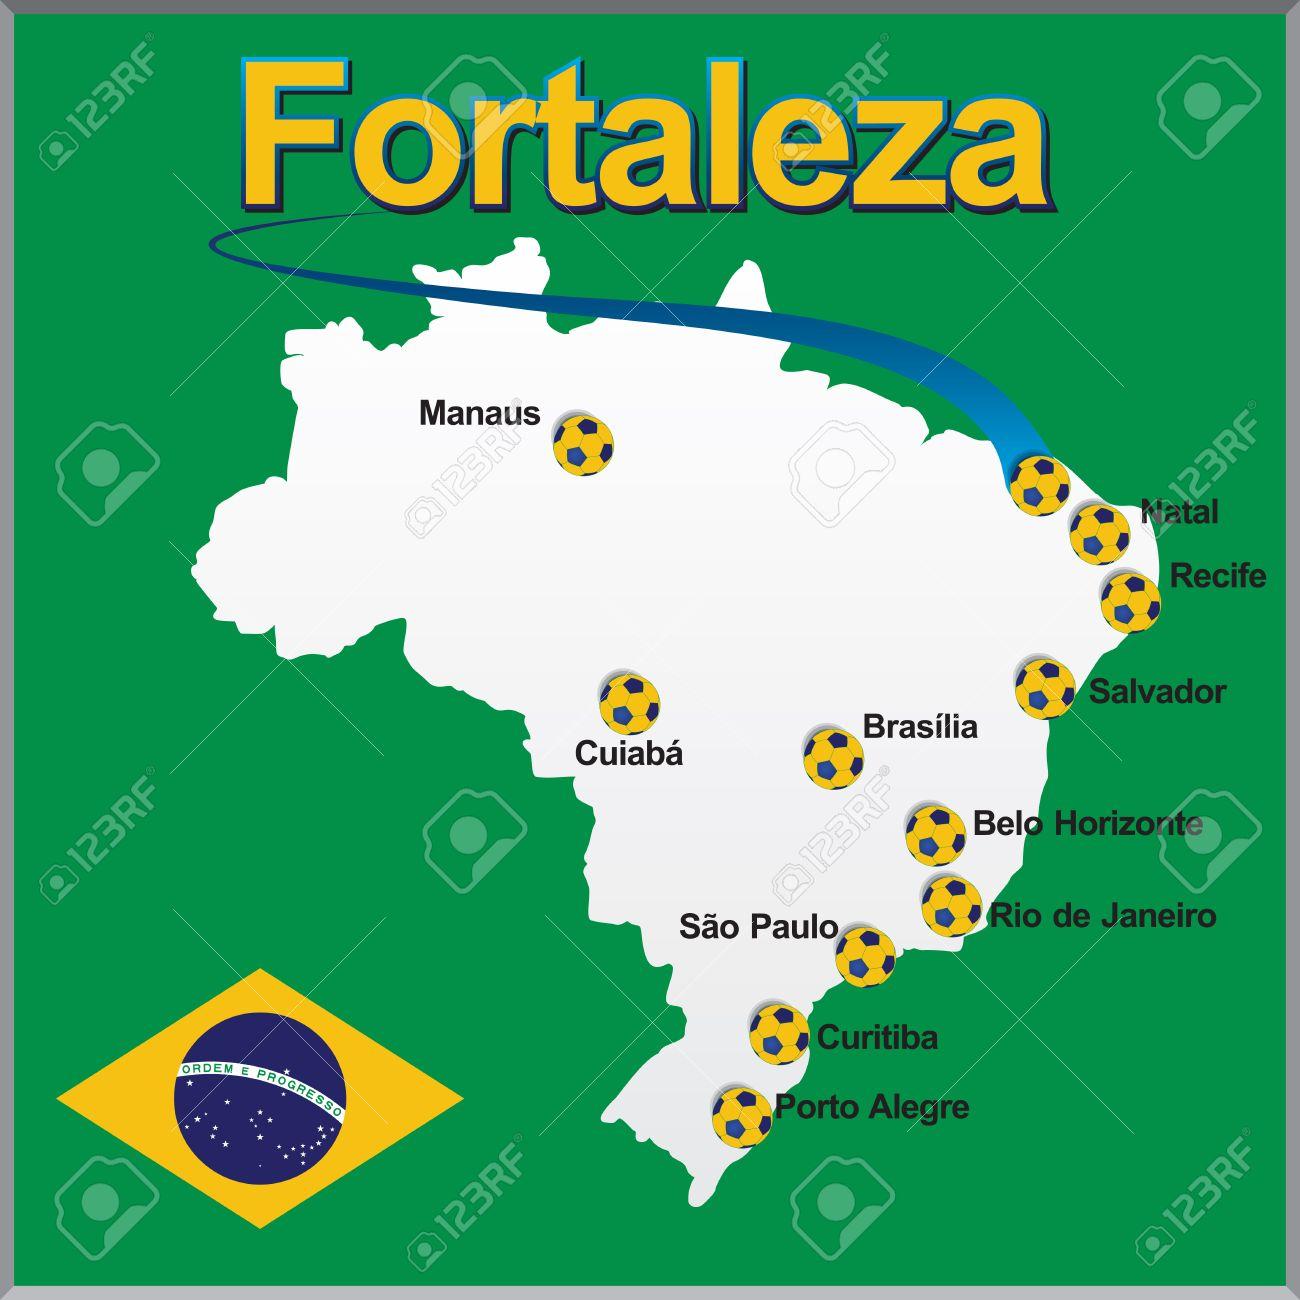 fortaleza brasilien karte Fortaleza   Brasilien Karte Fußball Lizenzfrei Nutzbare